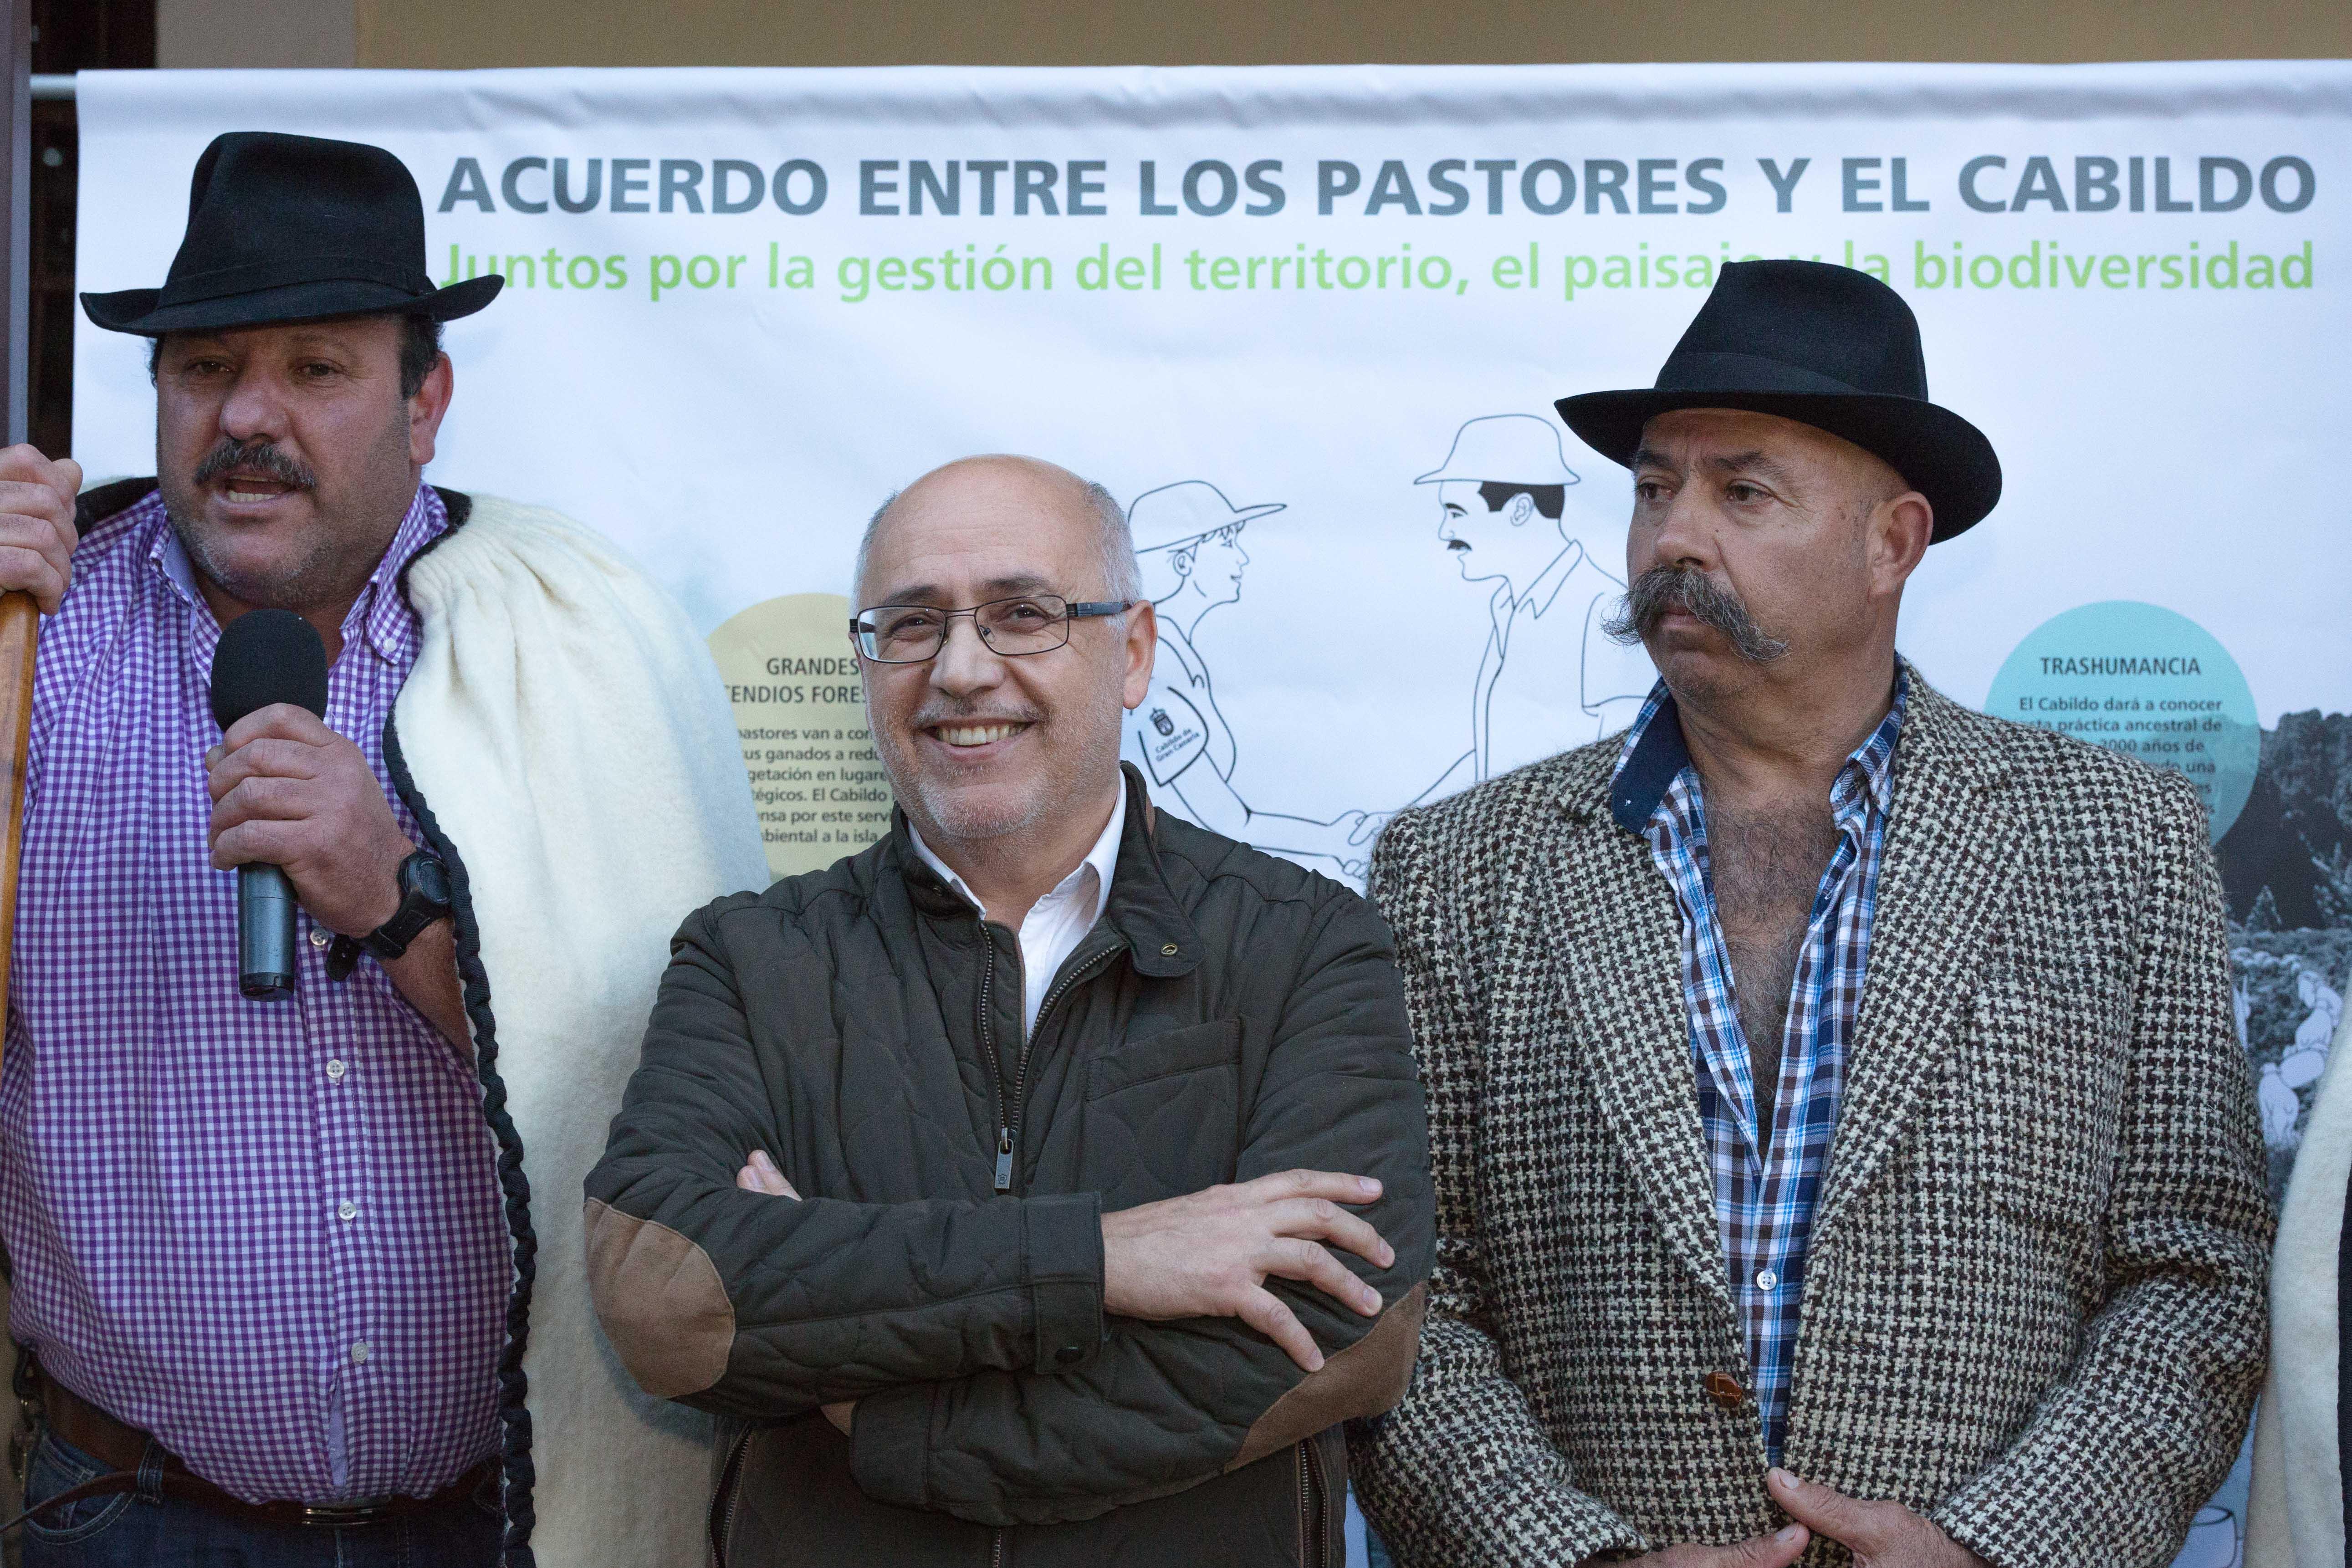 Presentación del acuerdo histórico entre el Cabildo y los pastores para luchar contra los incendios y retirar el ganado asilvestrado.